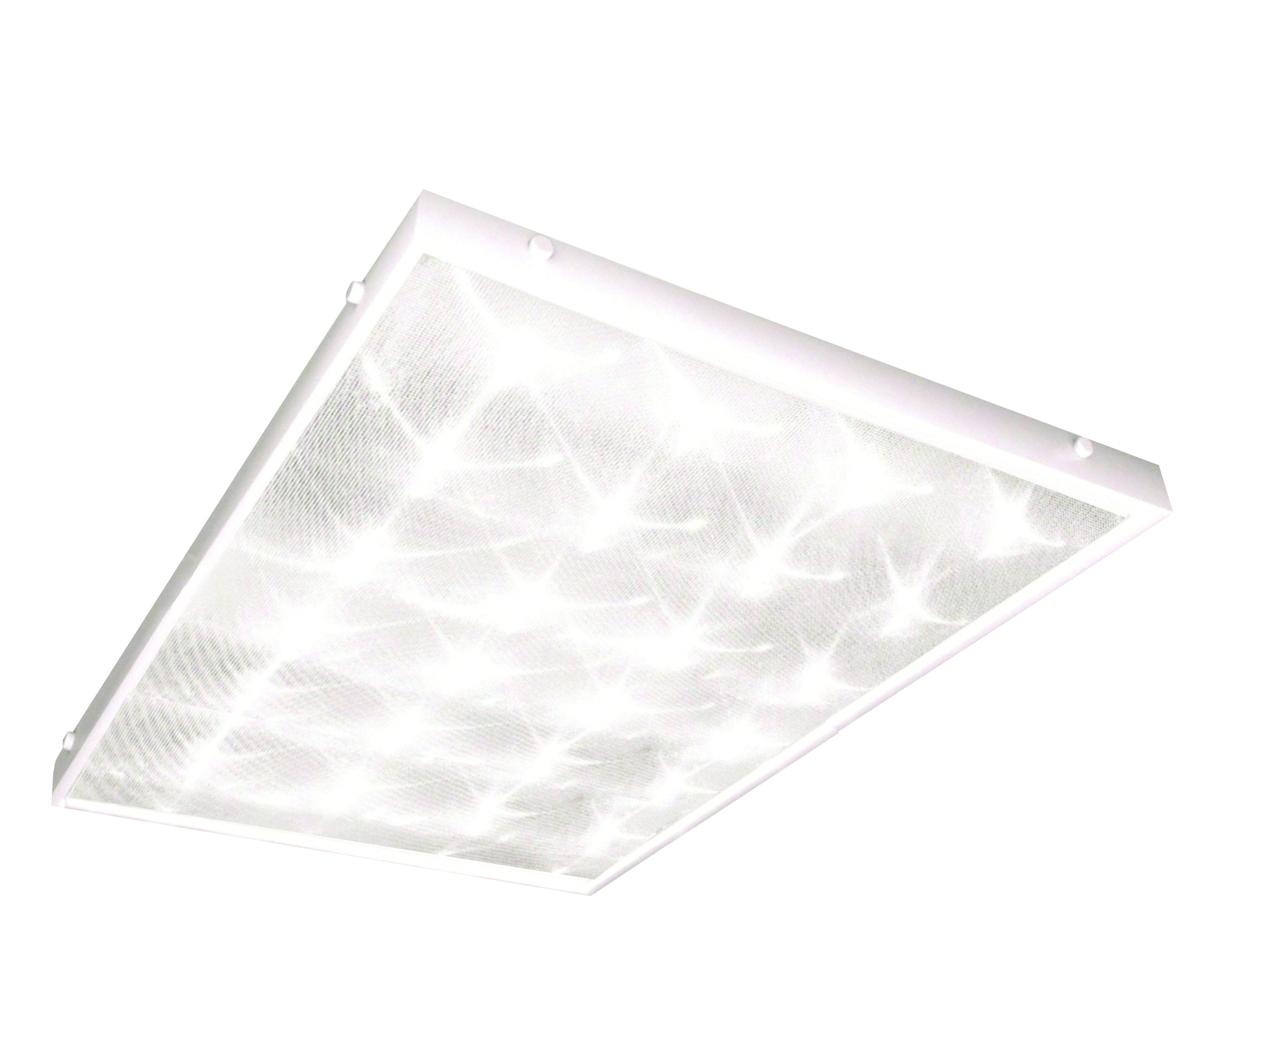 Светильник настенно-потолочный ТДМСветильники офисные, промышленные<br>Назначение светильника: офисный,<br>Тип лампы: светодиодная,<br>Мощность: 32,<br>Патрон: LED,<br>Длина (мм): 595,<br>Ширина: 595<br>